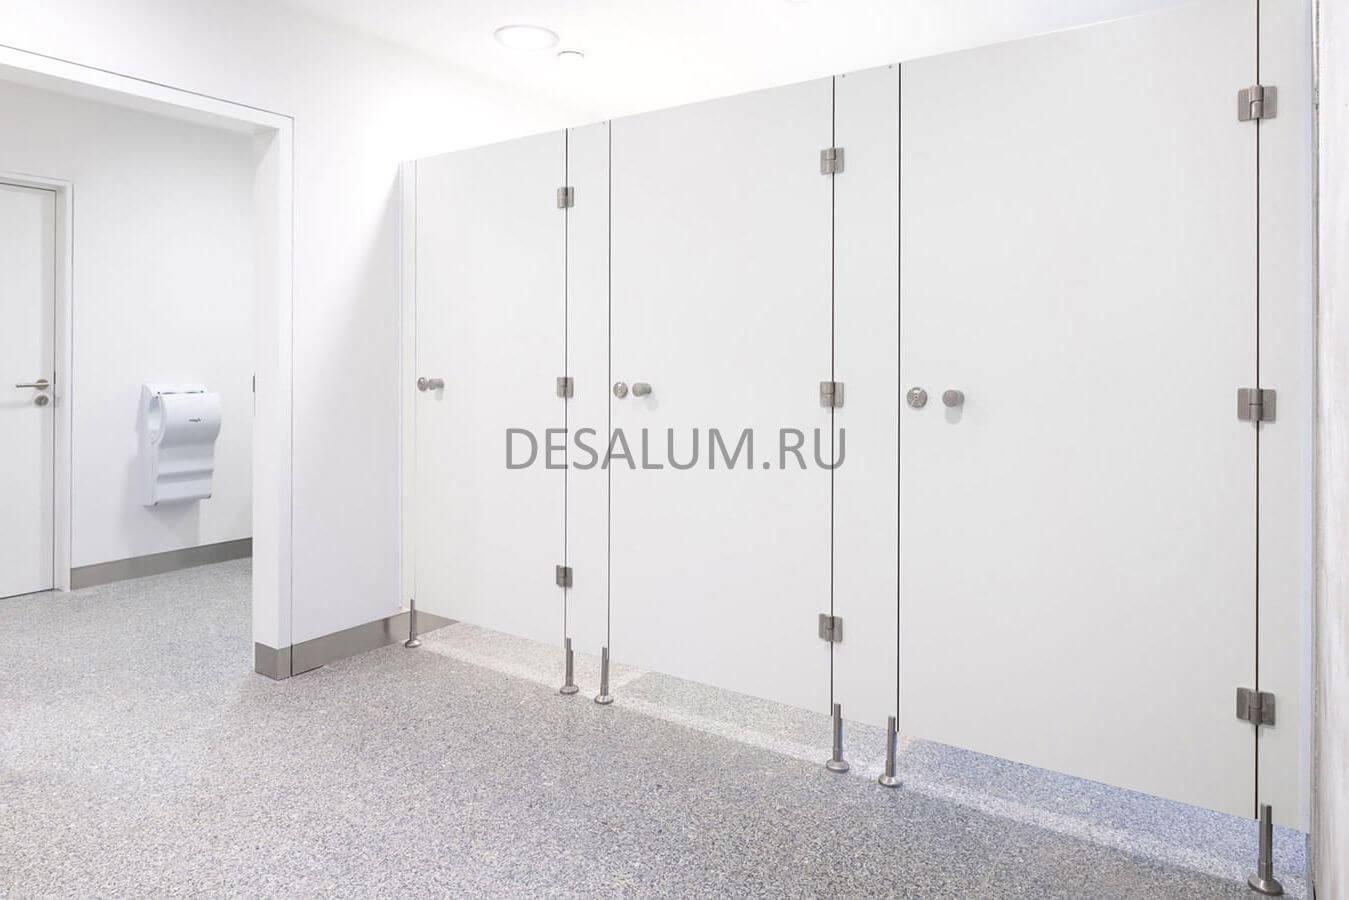 Сантехнические перегородки desalum